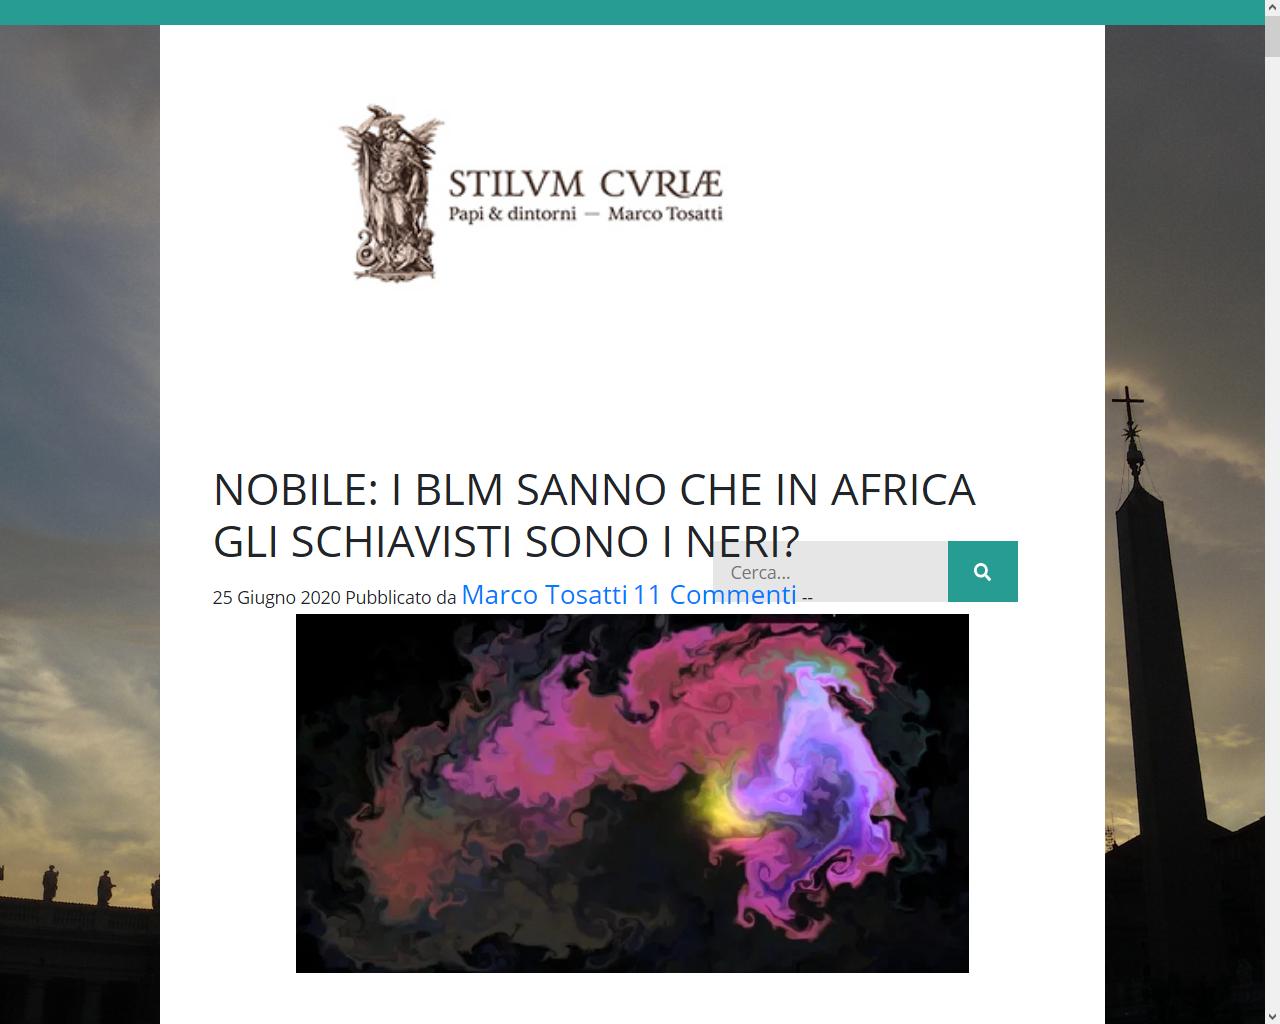 https://www.marcotosatti.com/2020/06/25/nobile-i-blm-sanno-che-in-africa-gli-schiavisti-sono-i-neri/